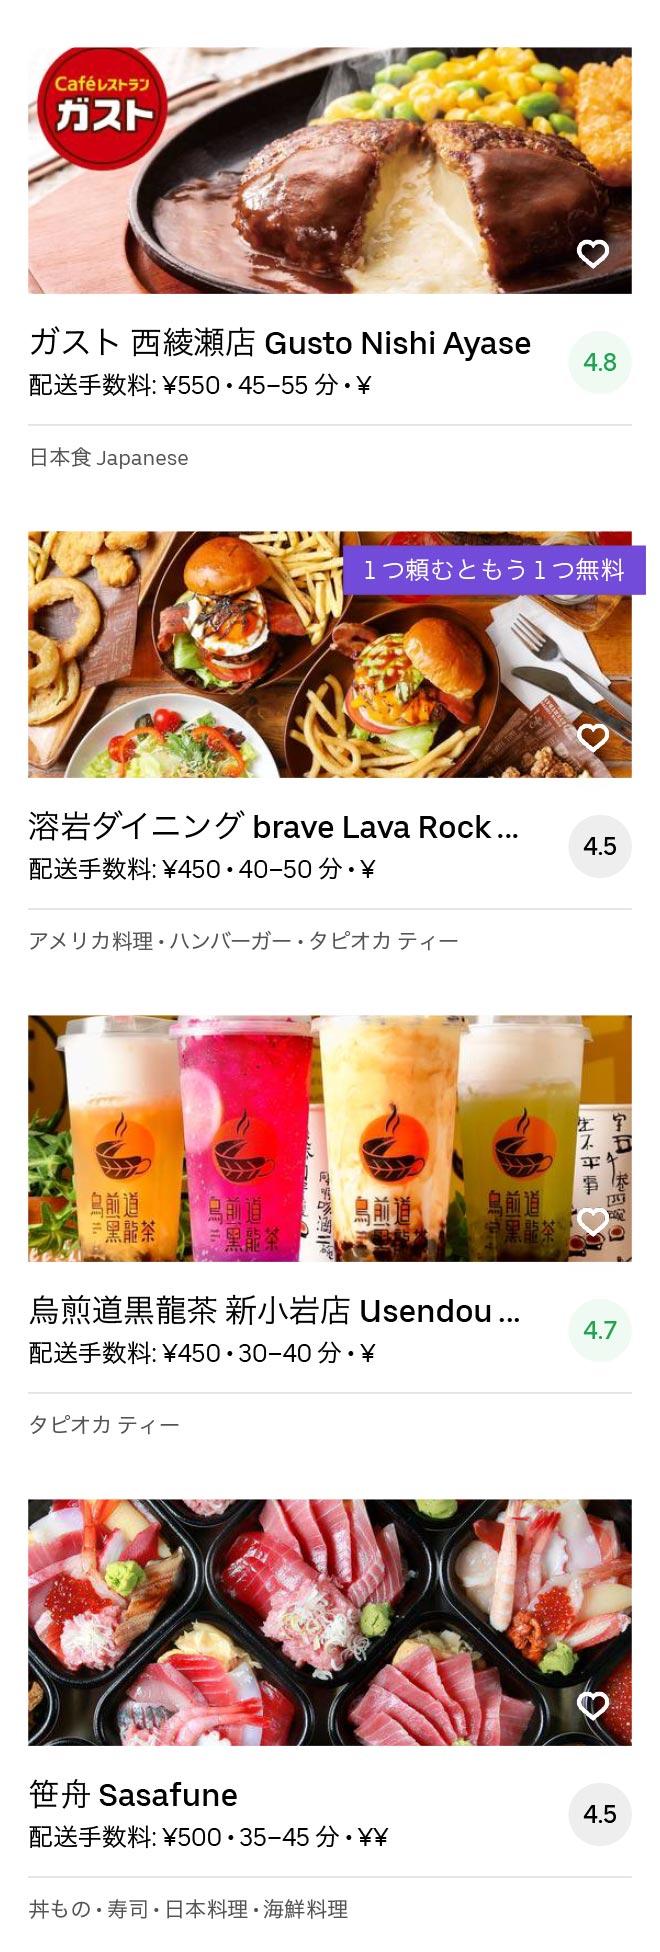 Tokyo aoto menu 2005 07